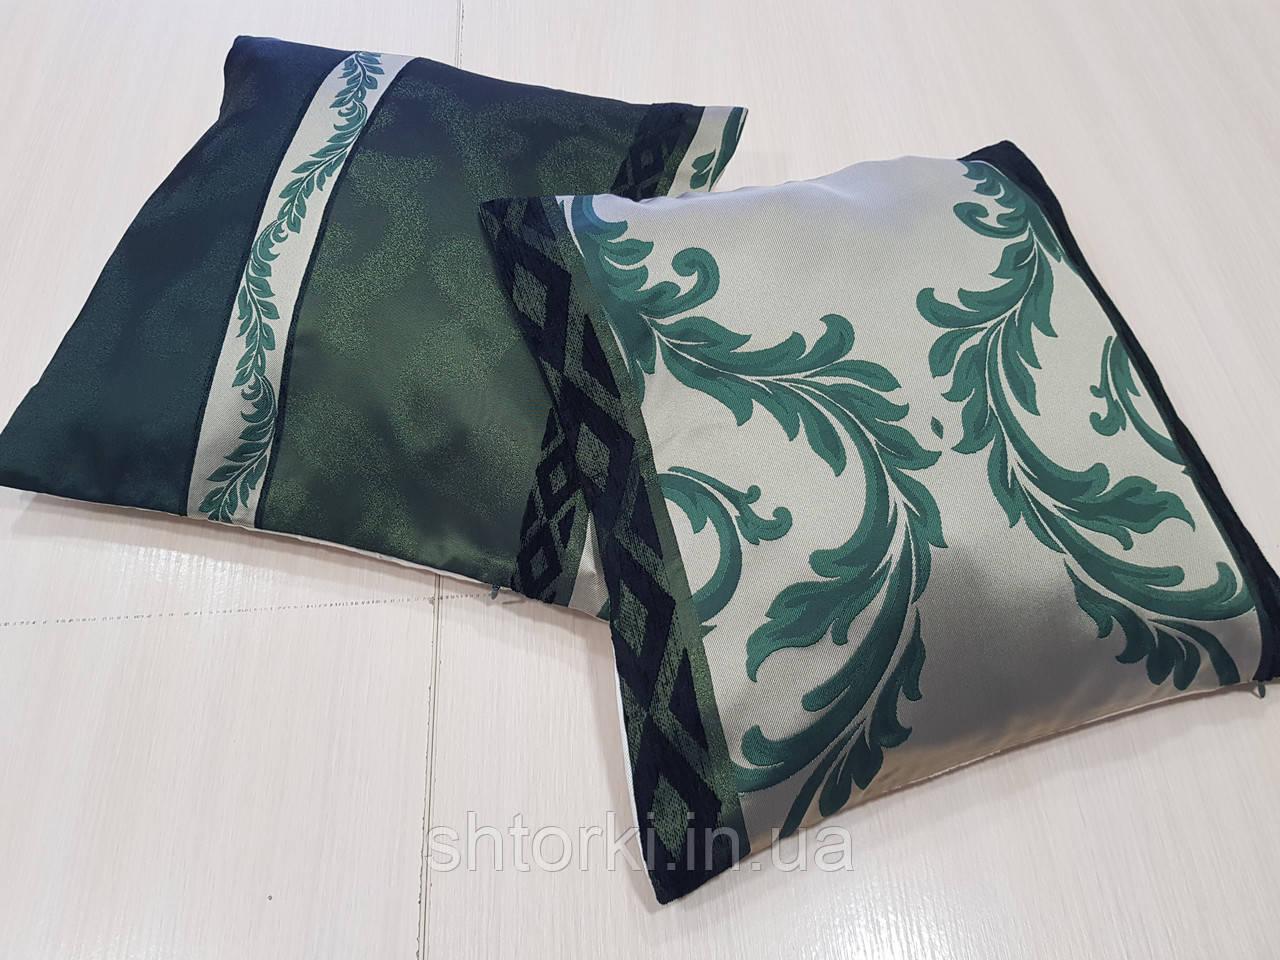 Комплект подушек салатовые и бирюзовые, 2шт